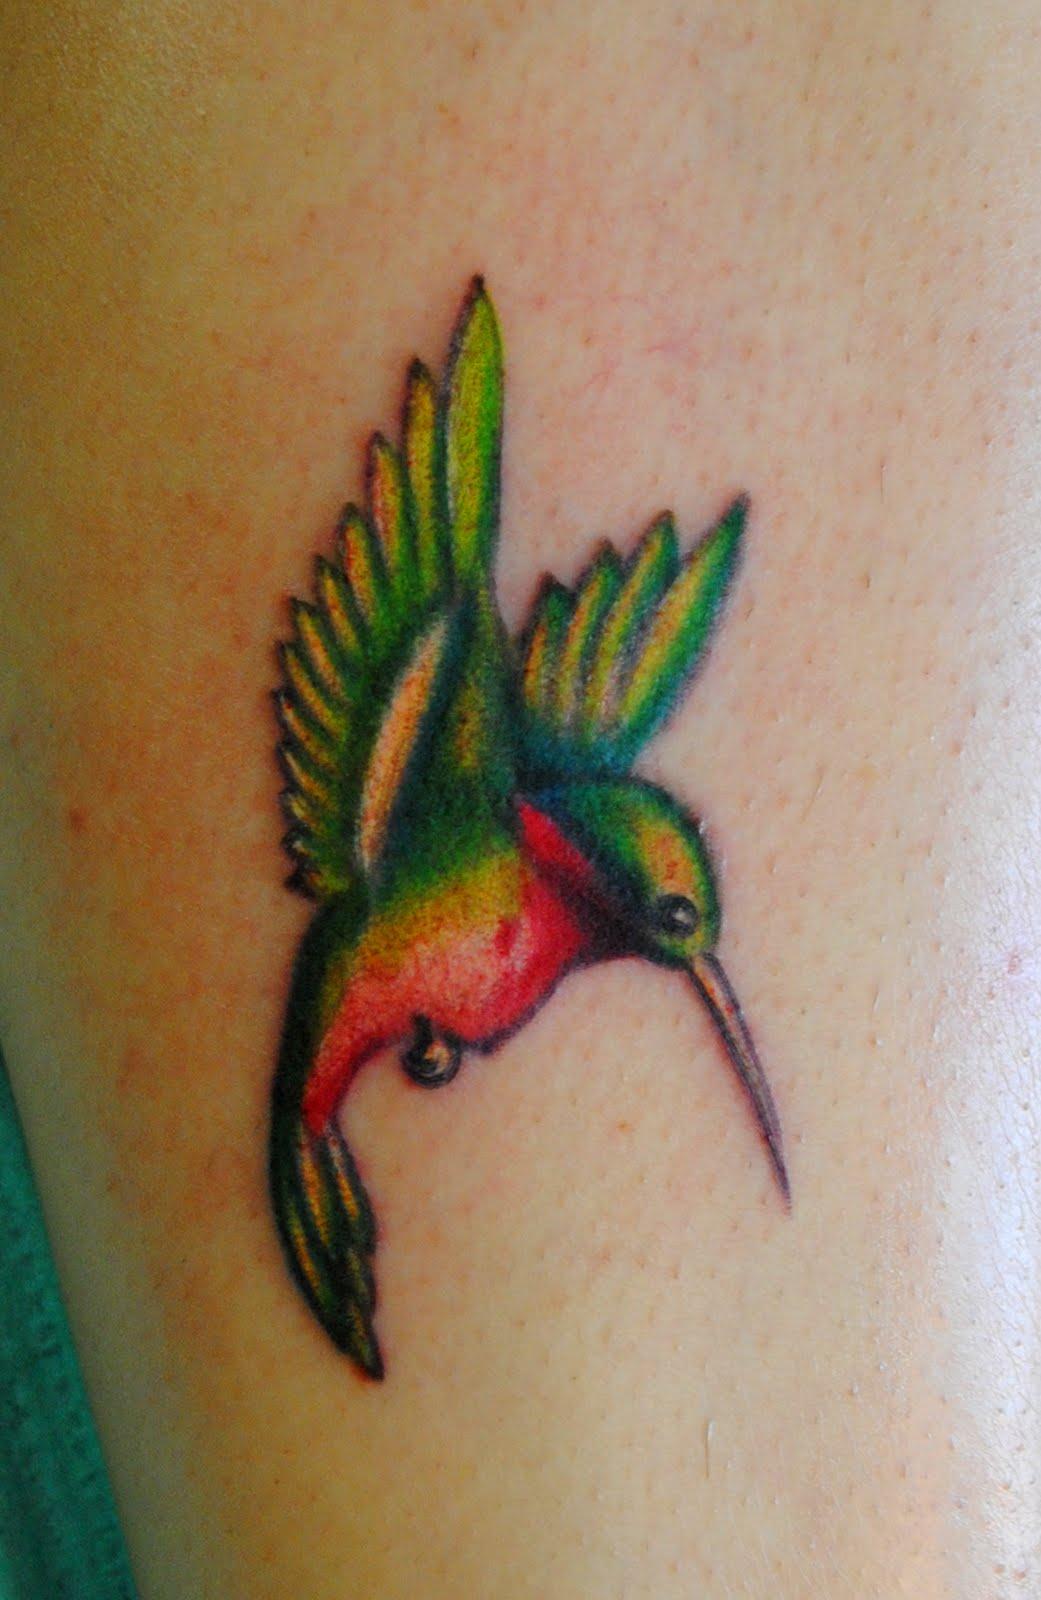 67754f888 Hummingbird 252520Tattoos. Tribal 252520Hummingbird 252520Tattoo. humming bird  tattoo